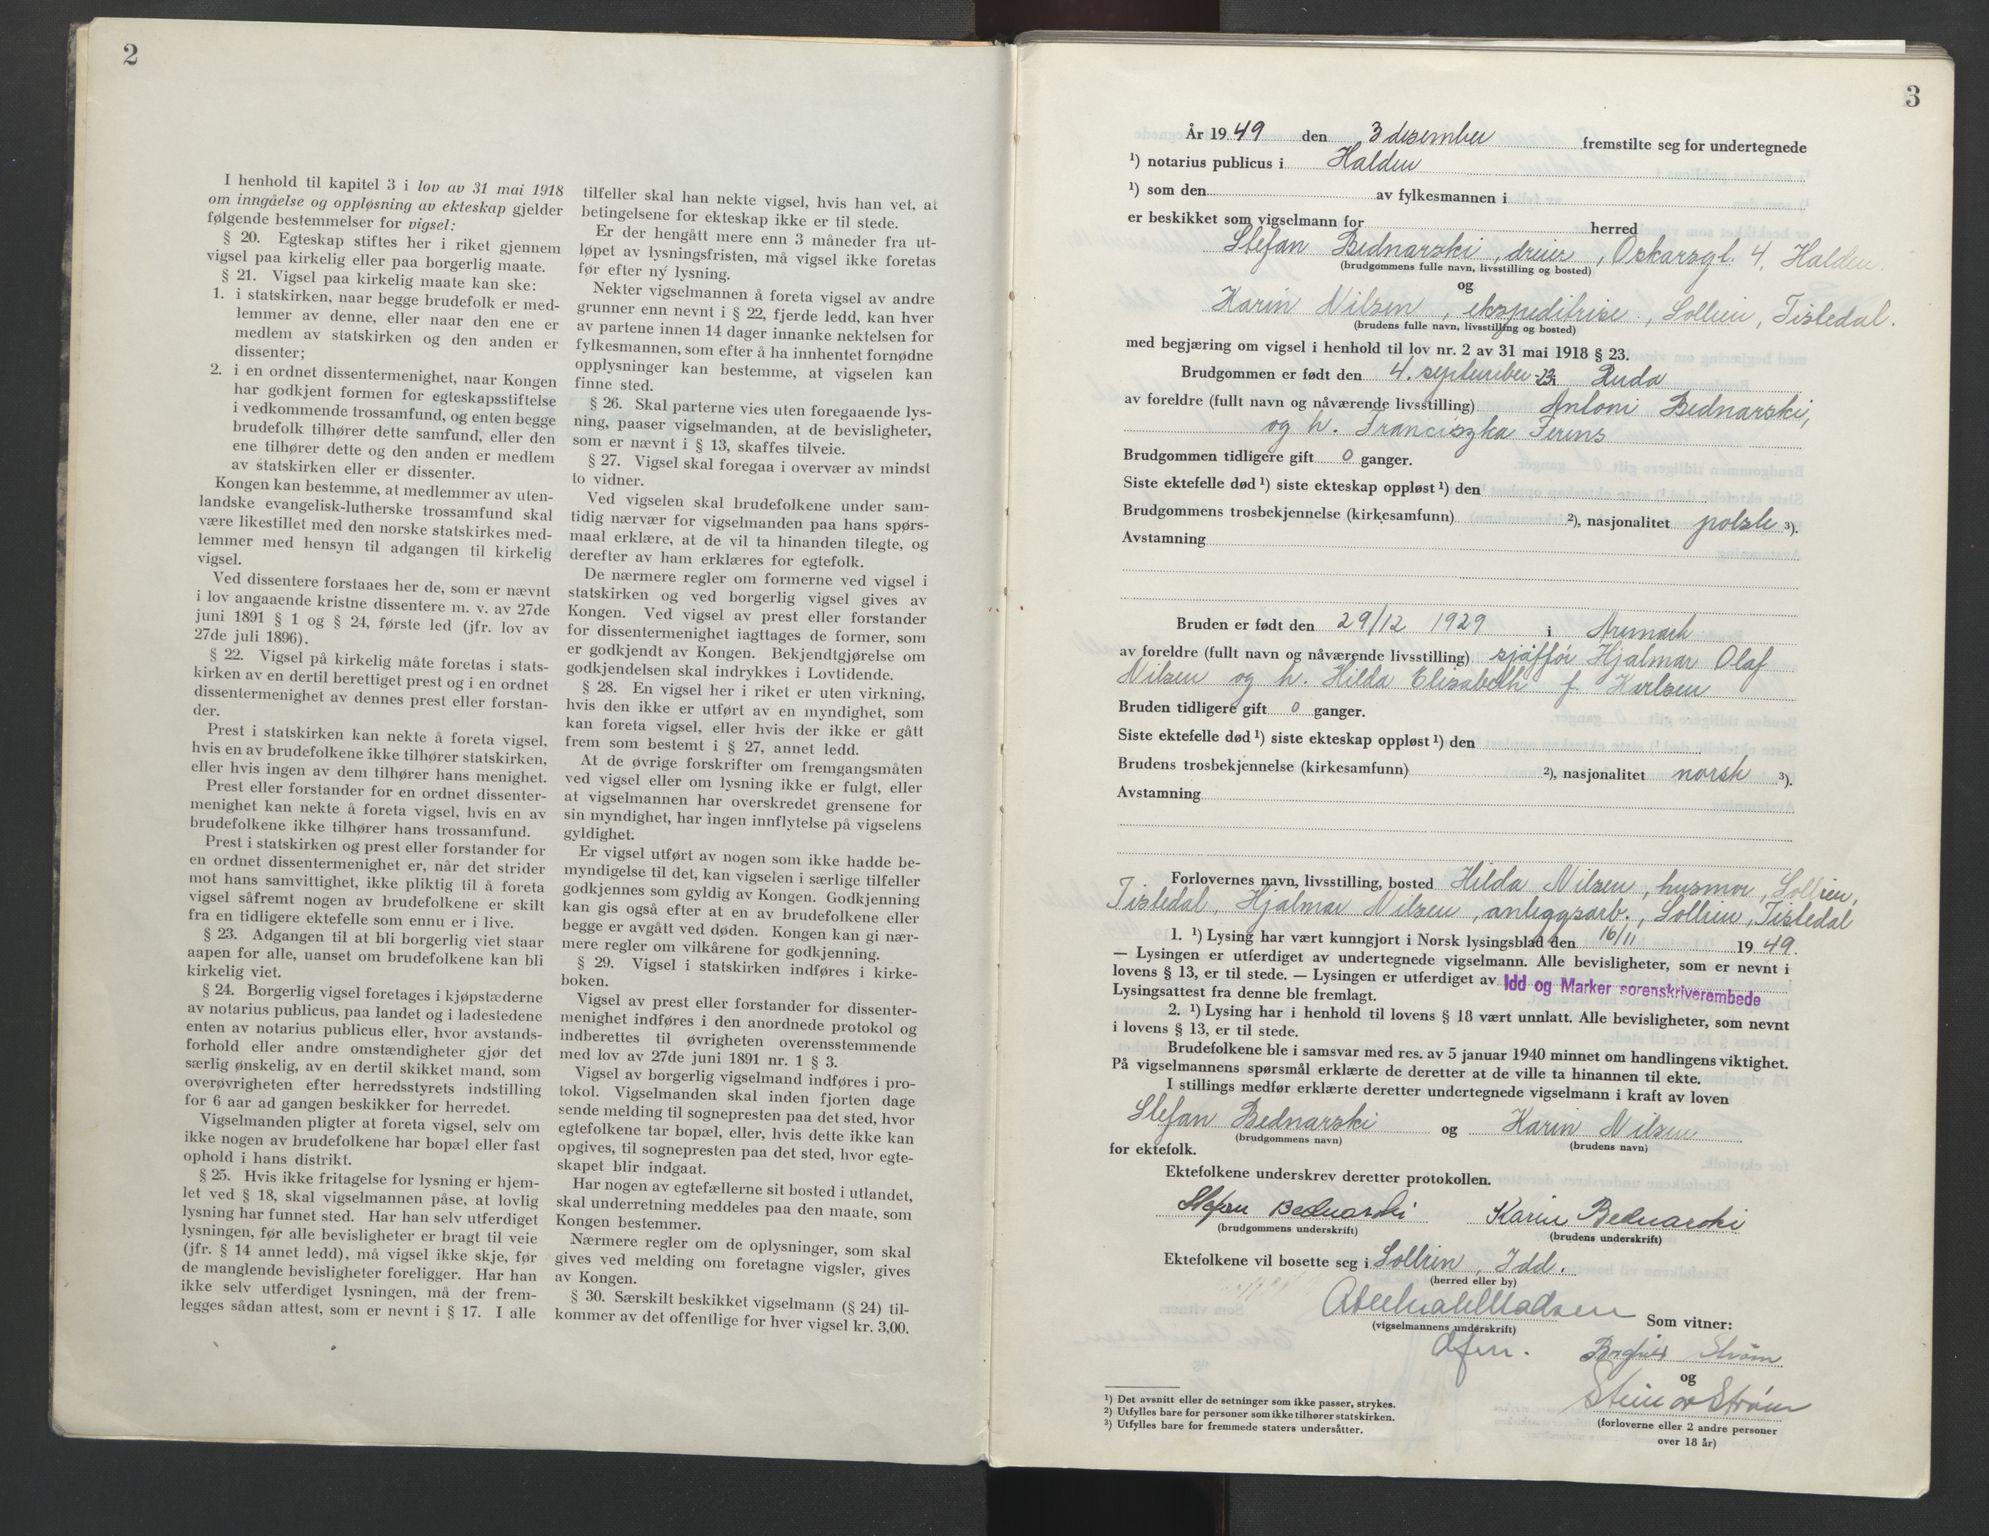 SAO, Idd og Marker sorenskriveri, L/Lc/L0002: Vigselsbok, 1949-1954, s. 2-3